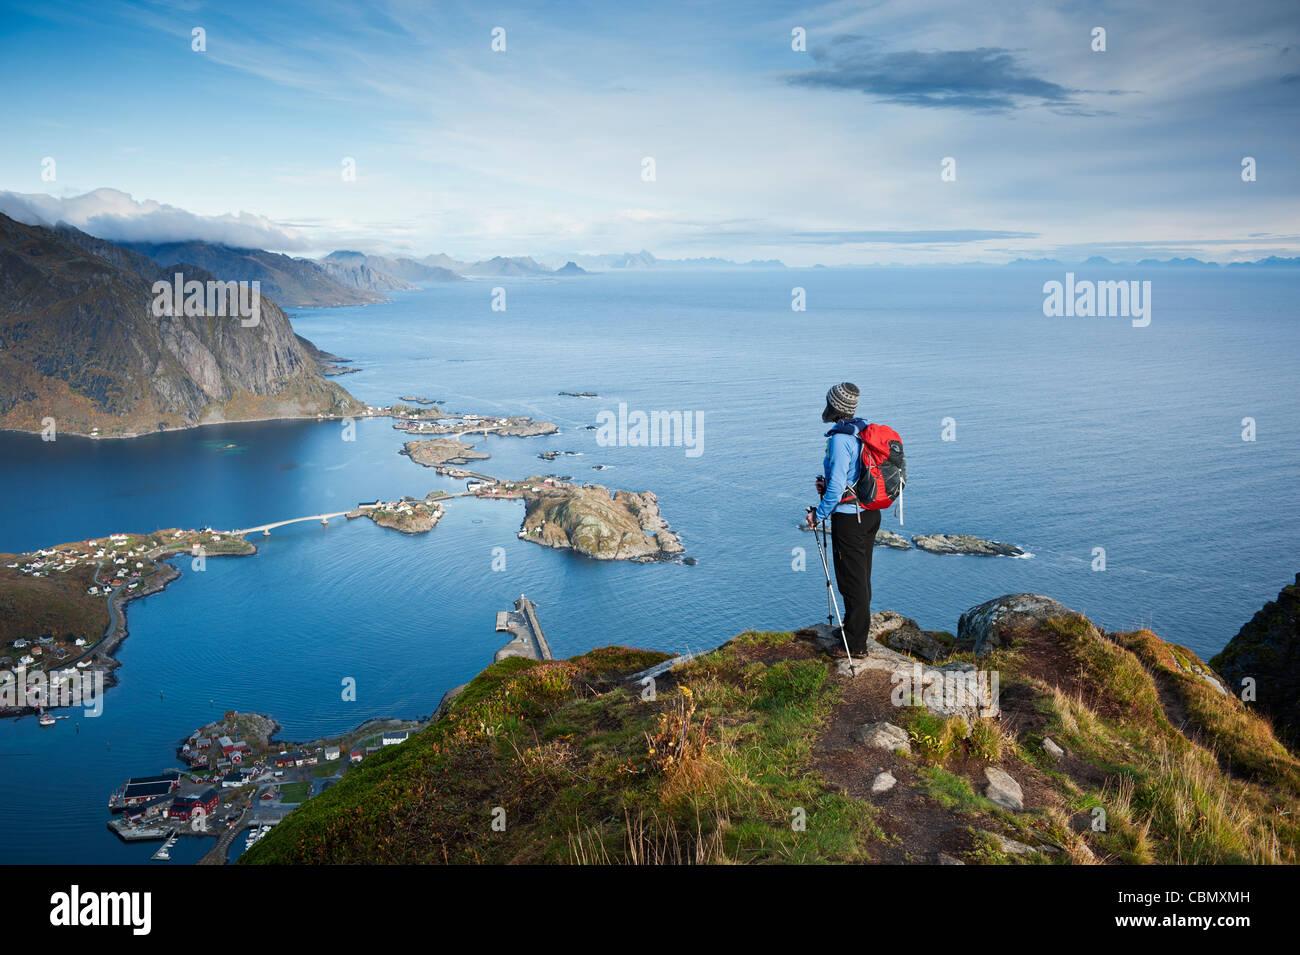 Female hiker bénéficie d'une vue spectaculaire sur les montagnes et les fjords du Reinebringen, îles Photo Stock